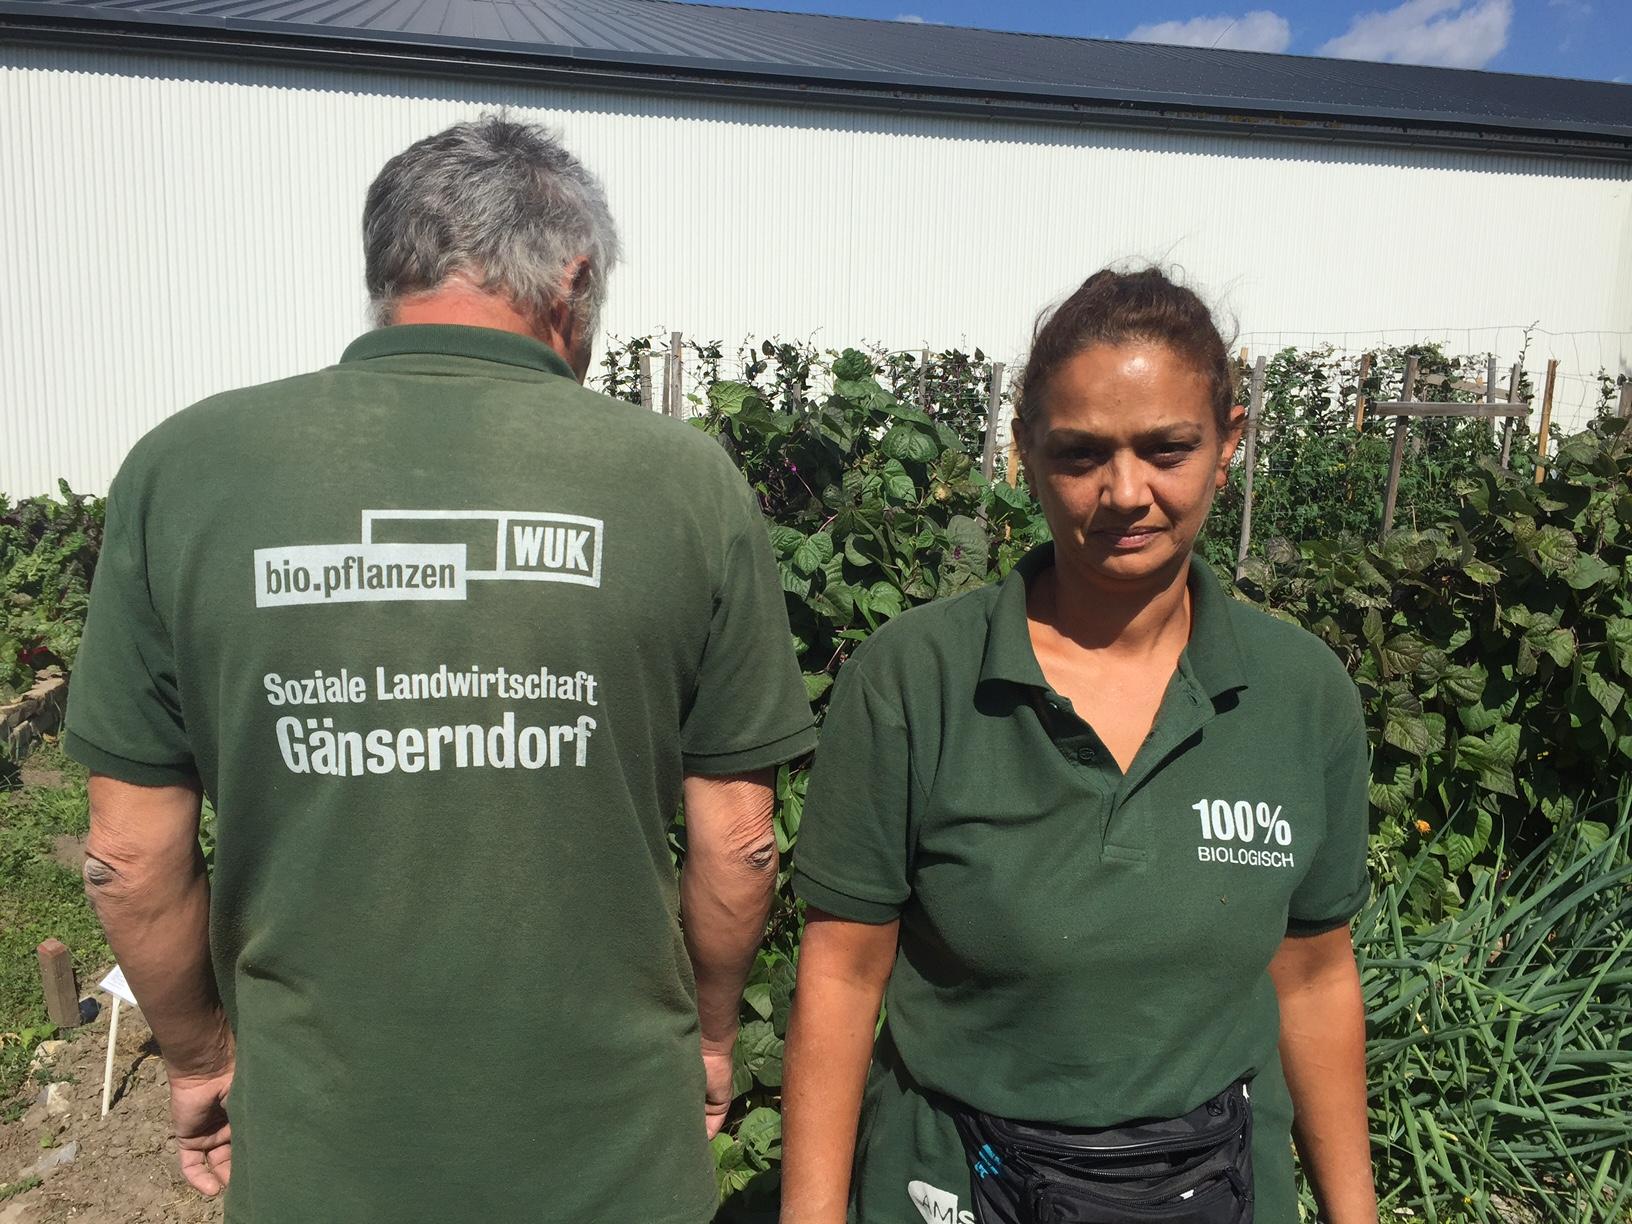 Derzeit gibt es bei dem Projekt 24 Plätze für Langzeitarbeitslose aus dem Bezirk Gänserndorf. Fotocredit: © WUK